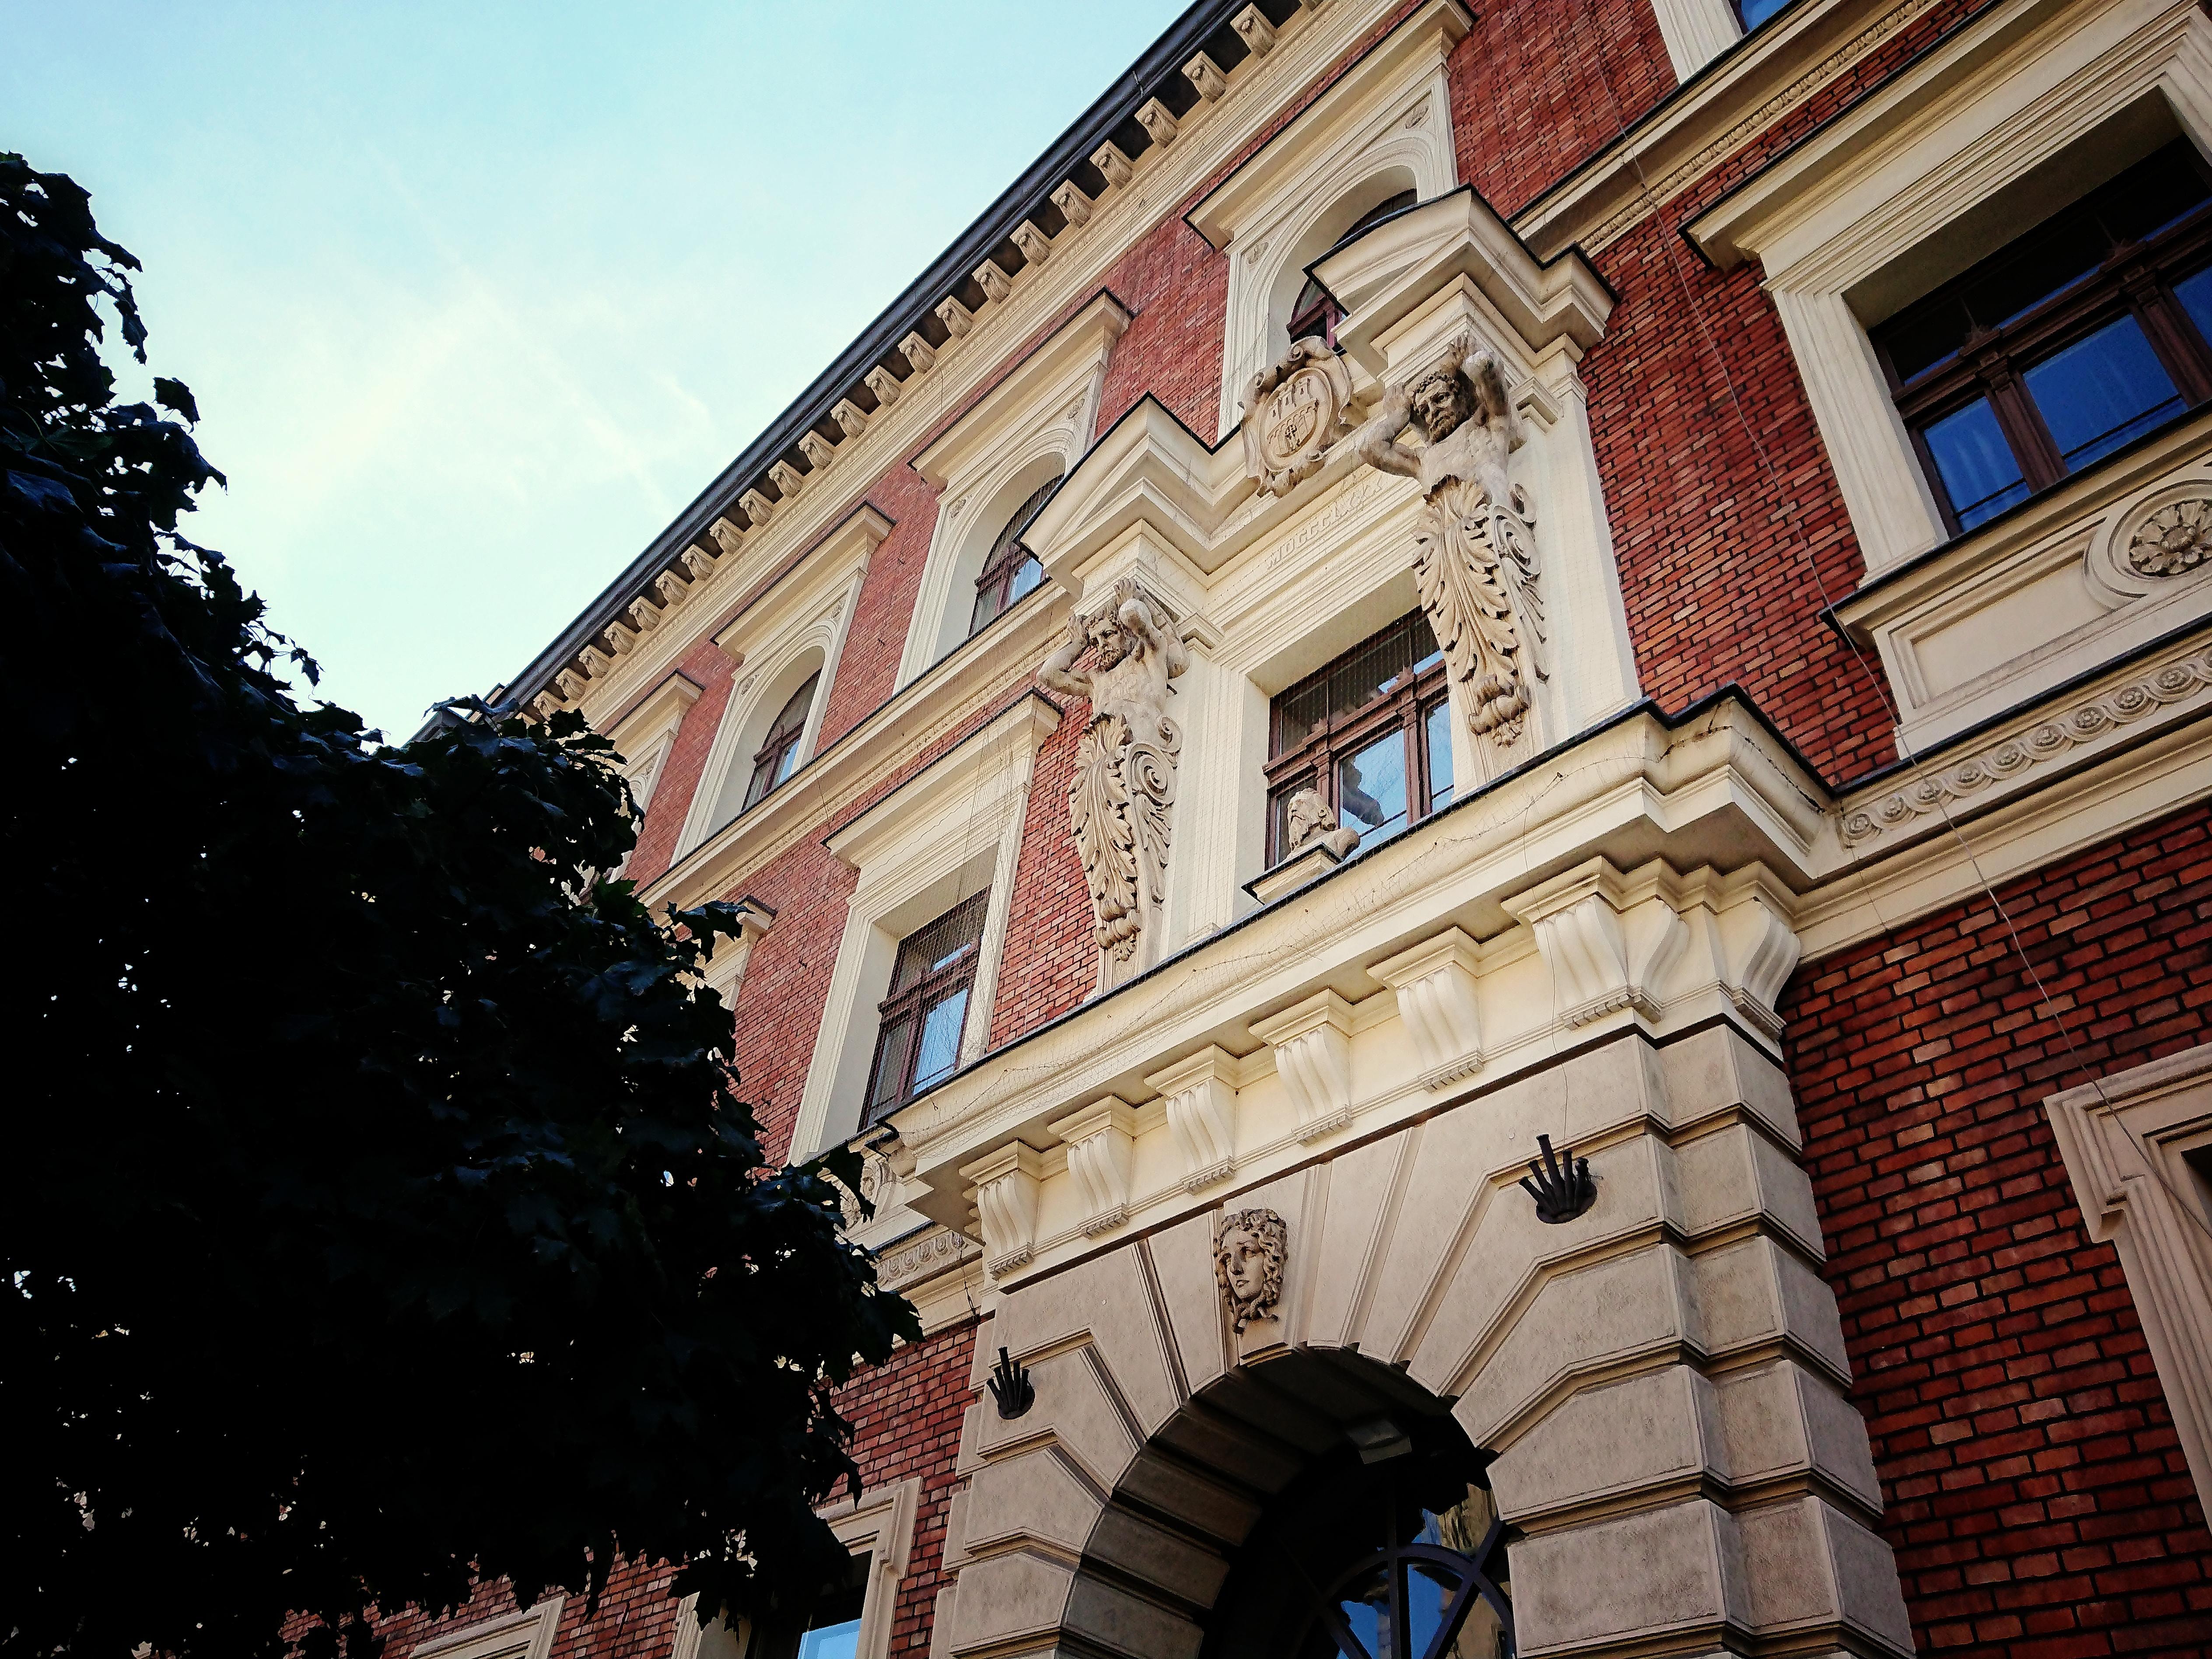 Popiersie Jana Matejki nad głównym wejściem do gmachu Akademii Sztuk Pięknych, źródło: archiwum autorki